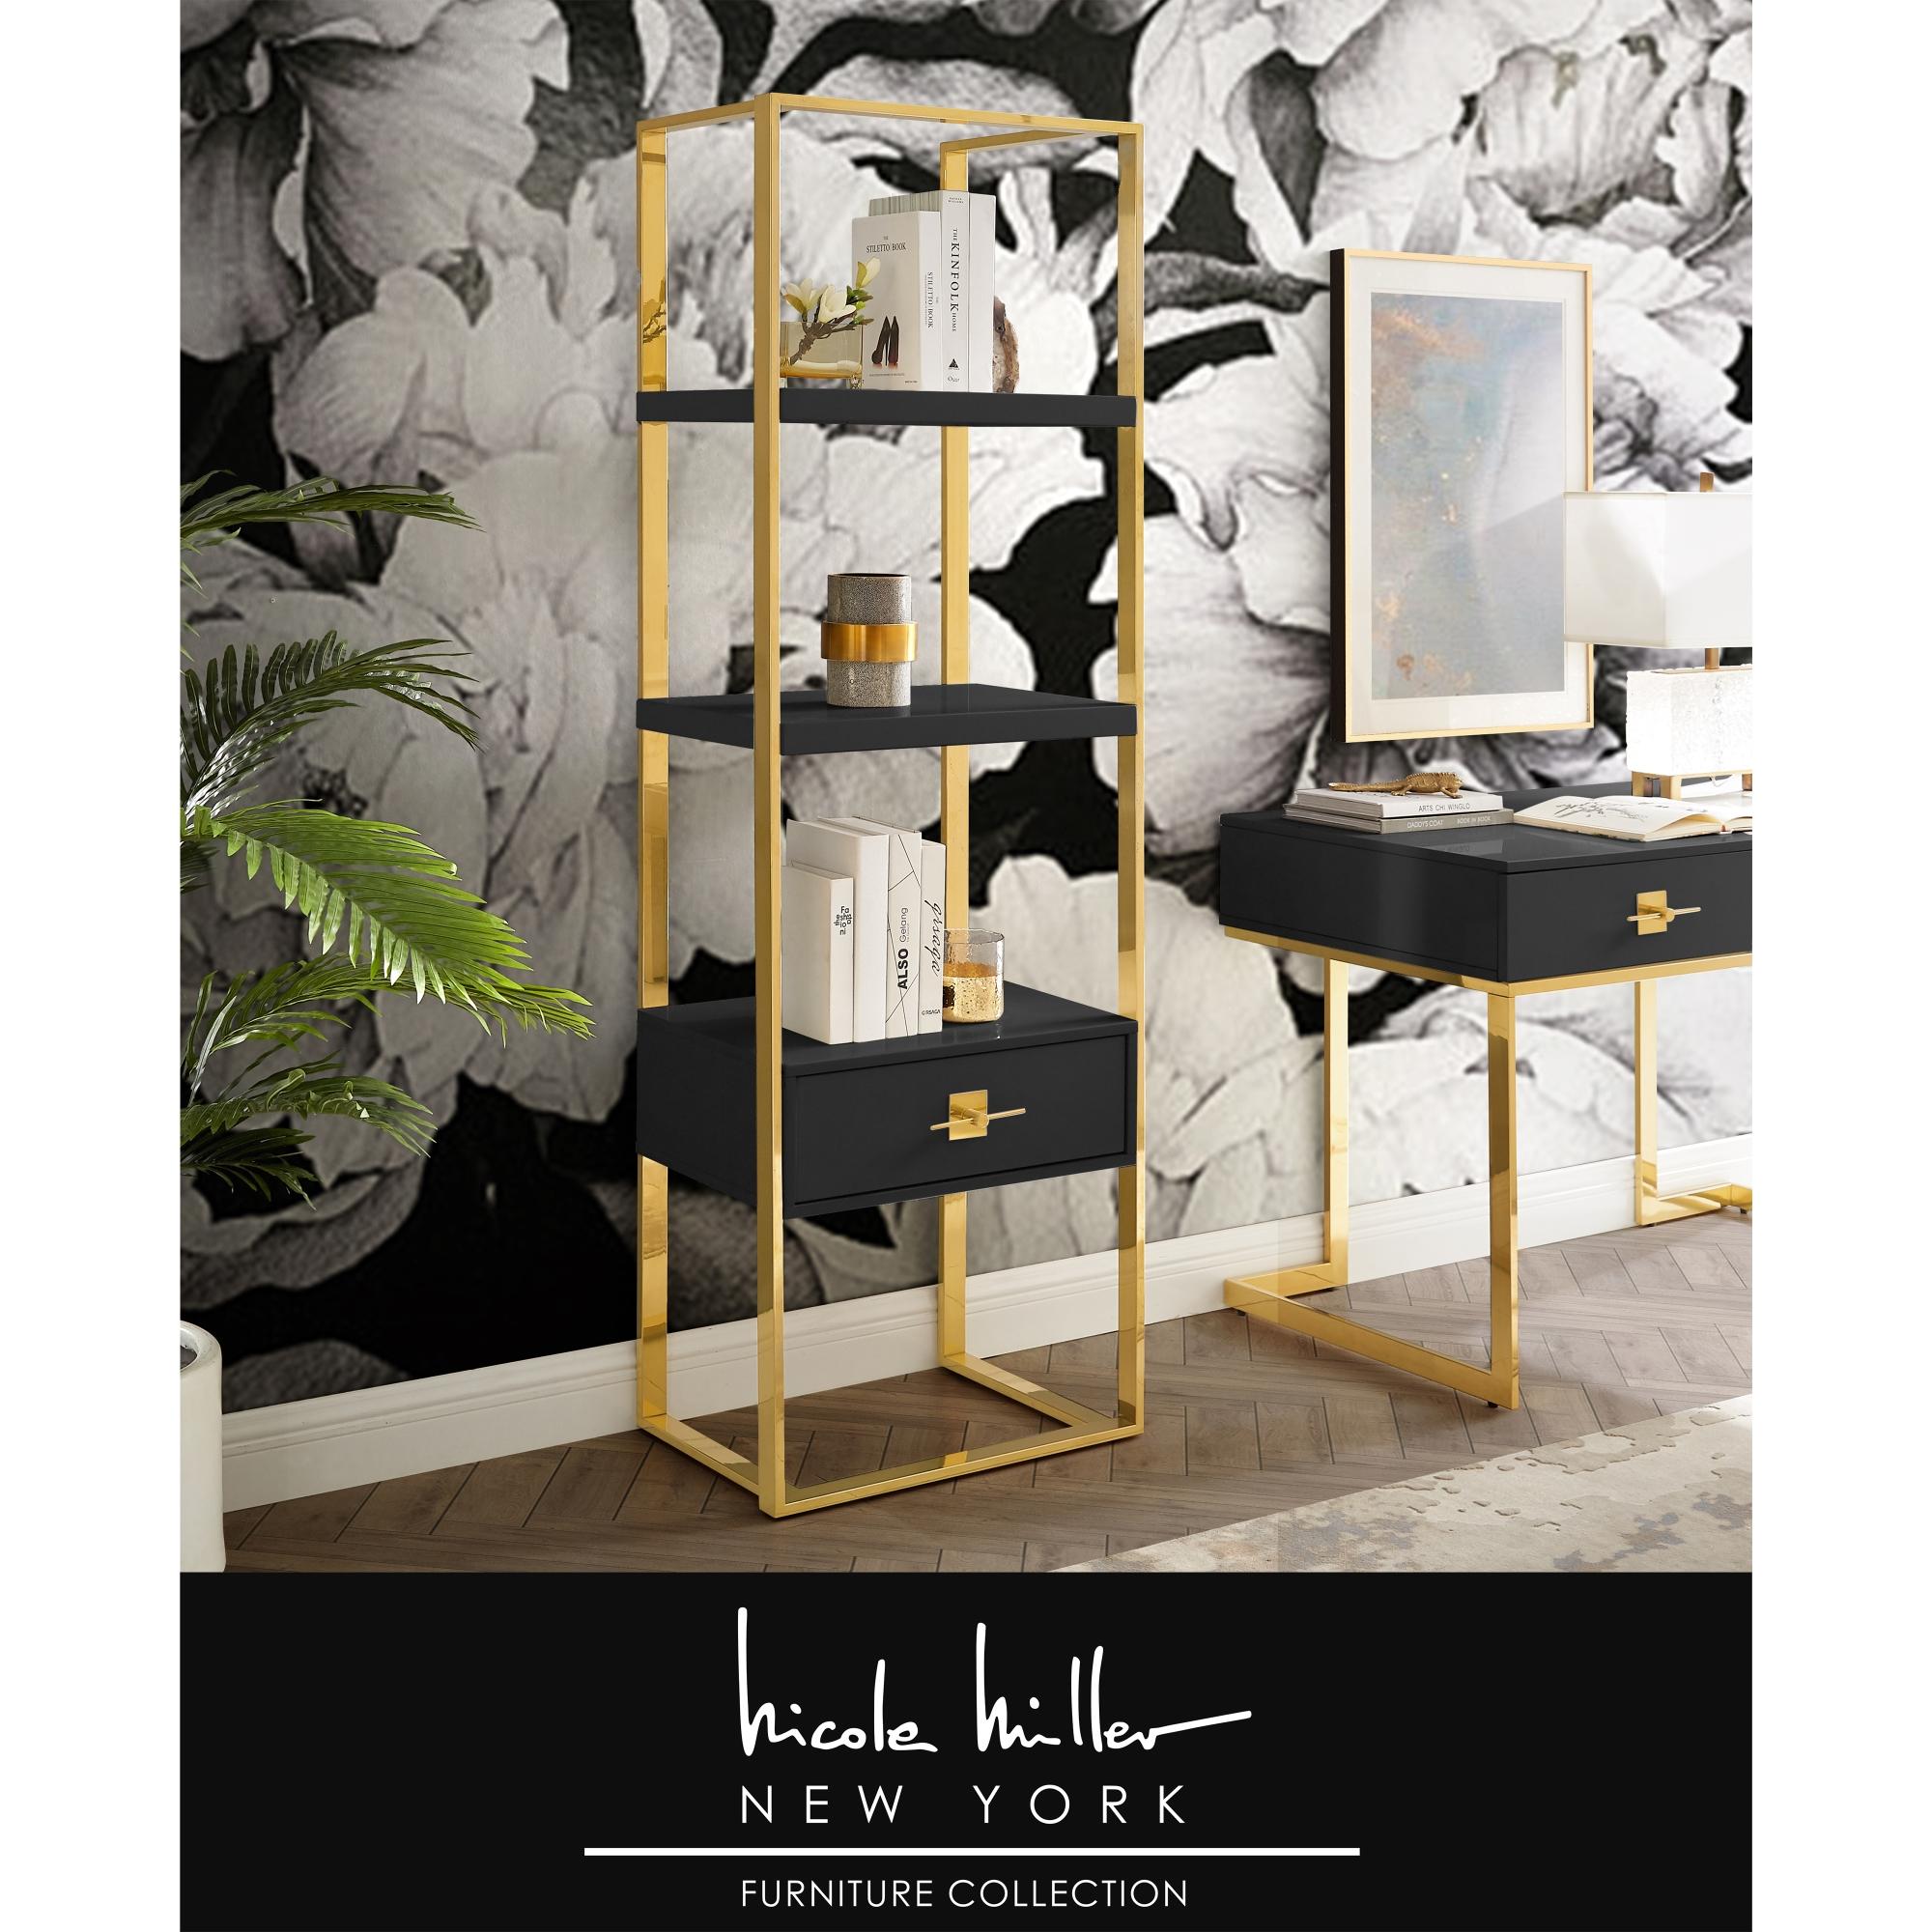 Nicole Miller Black/Gold Bookshelf 1 Drawer 3 Shelves Hight Gloss Lacquer Finish